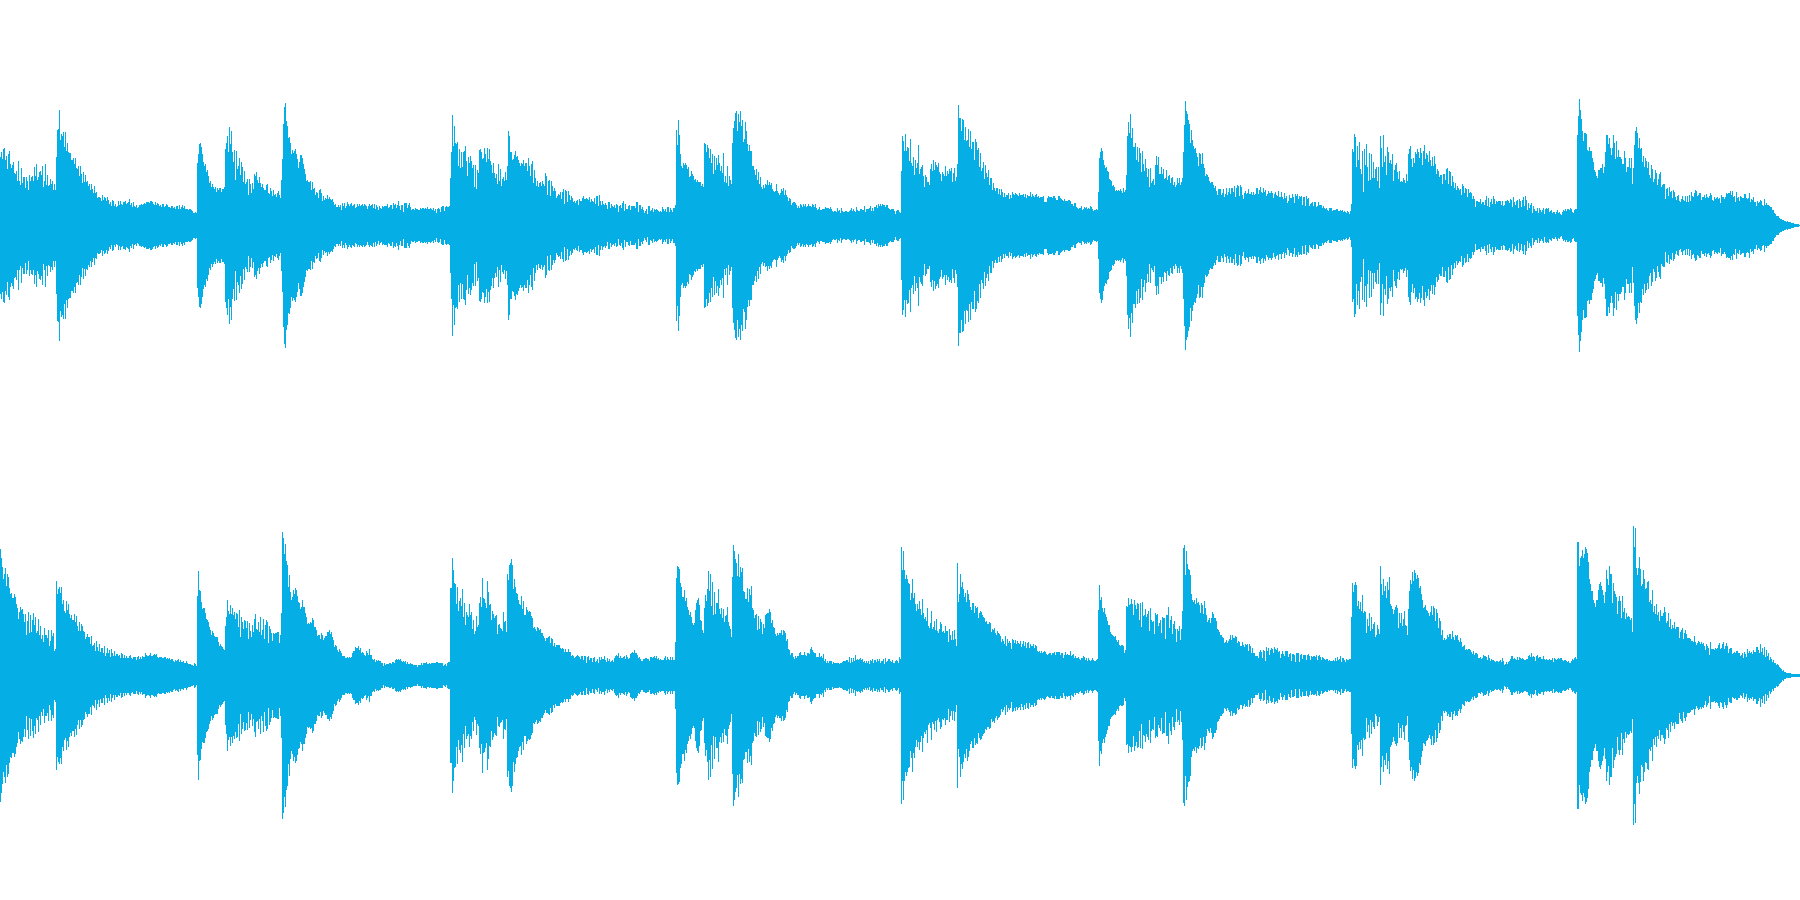 回想シーン、切ない場面にピッタリなBGMの再生済みの波形